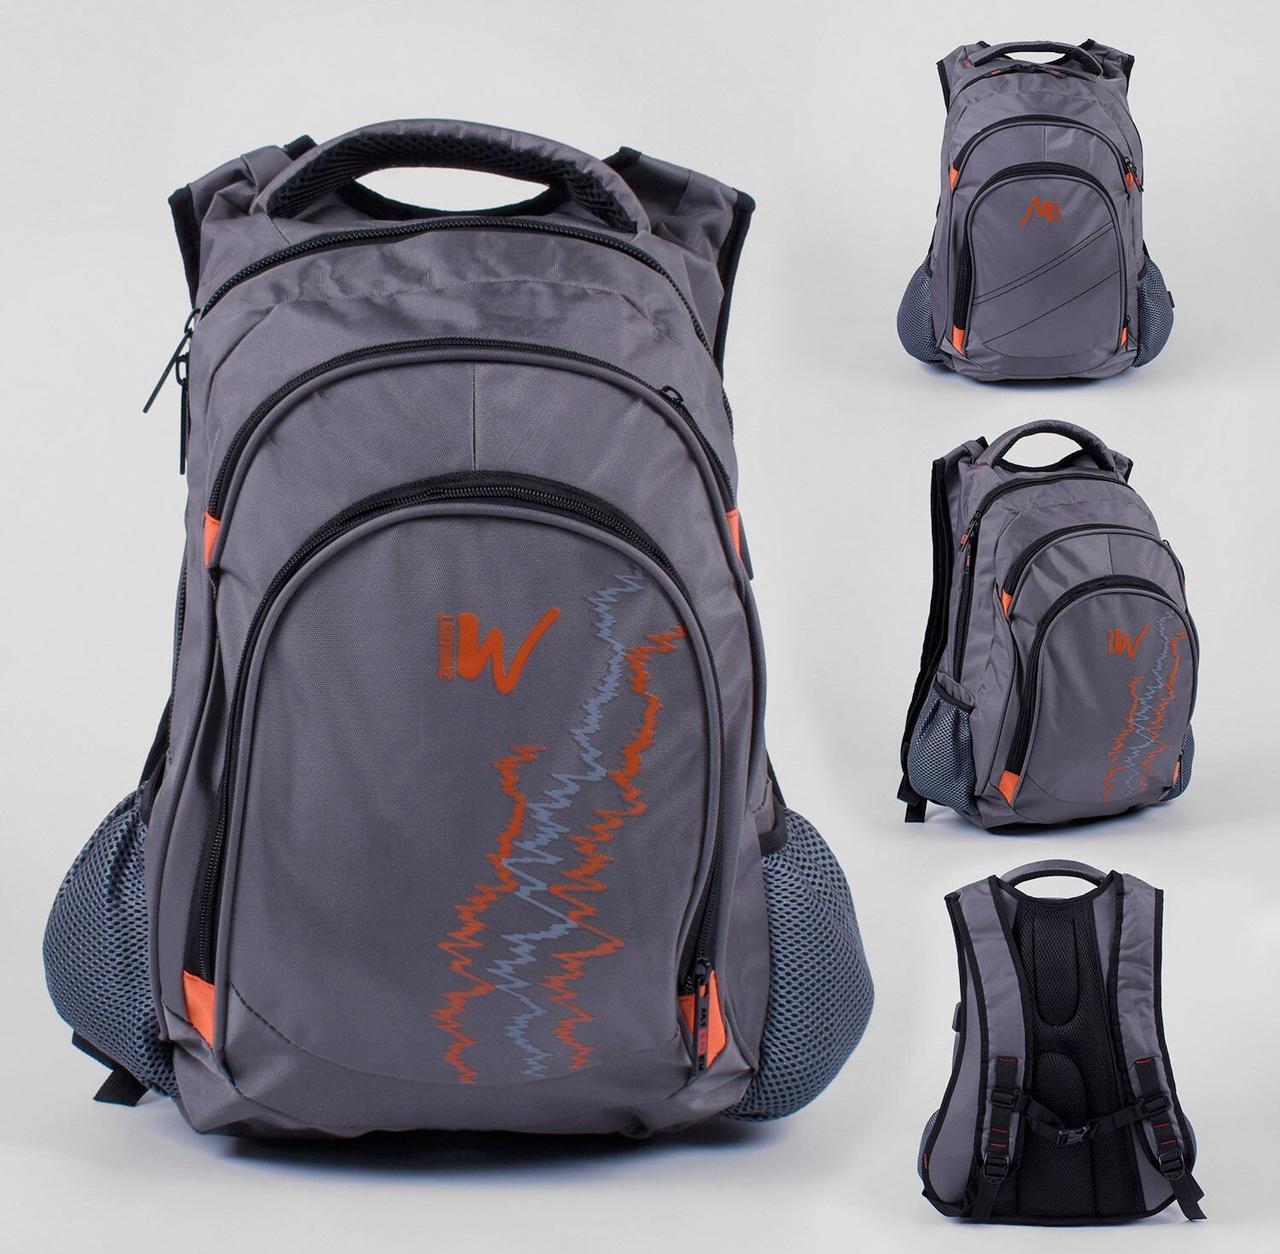 Рюкзак спортивный со светоотражающими элементами C 43530, встроенный USB переходник, цвет серый (2 вида)